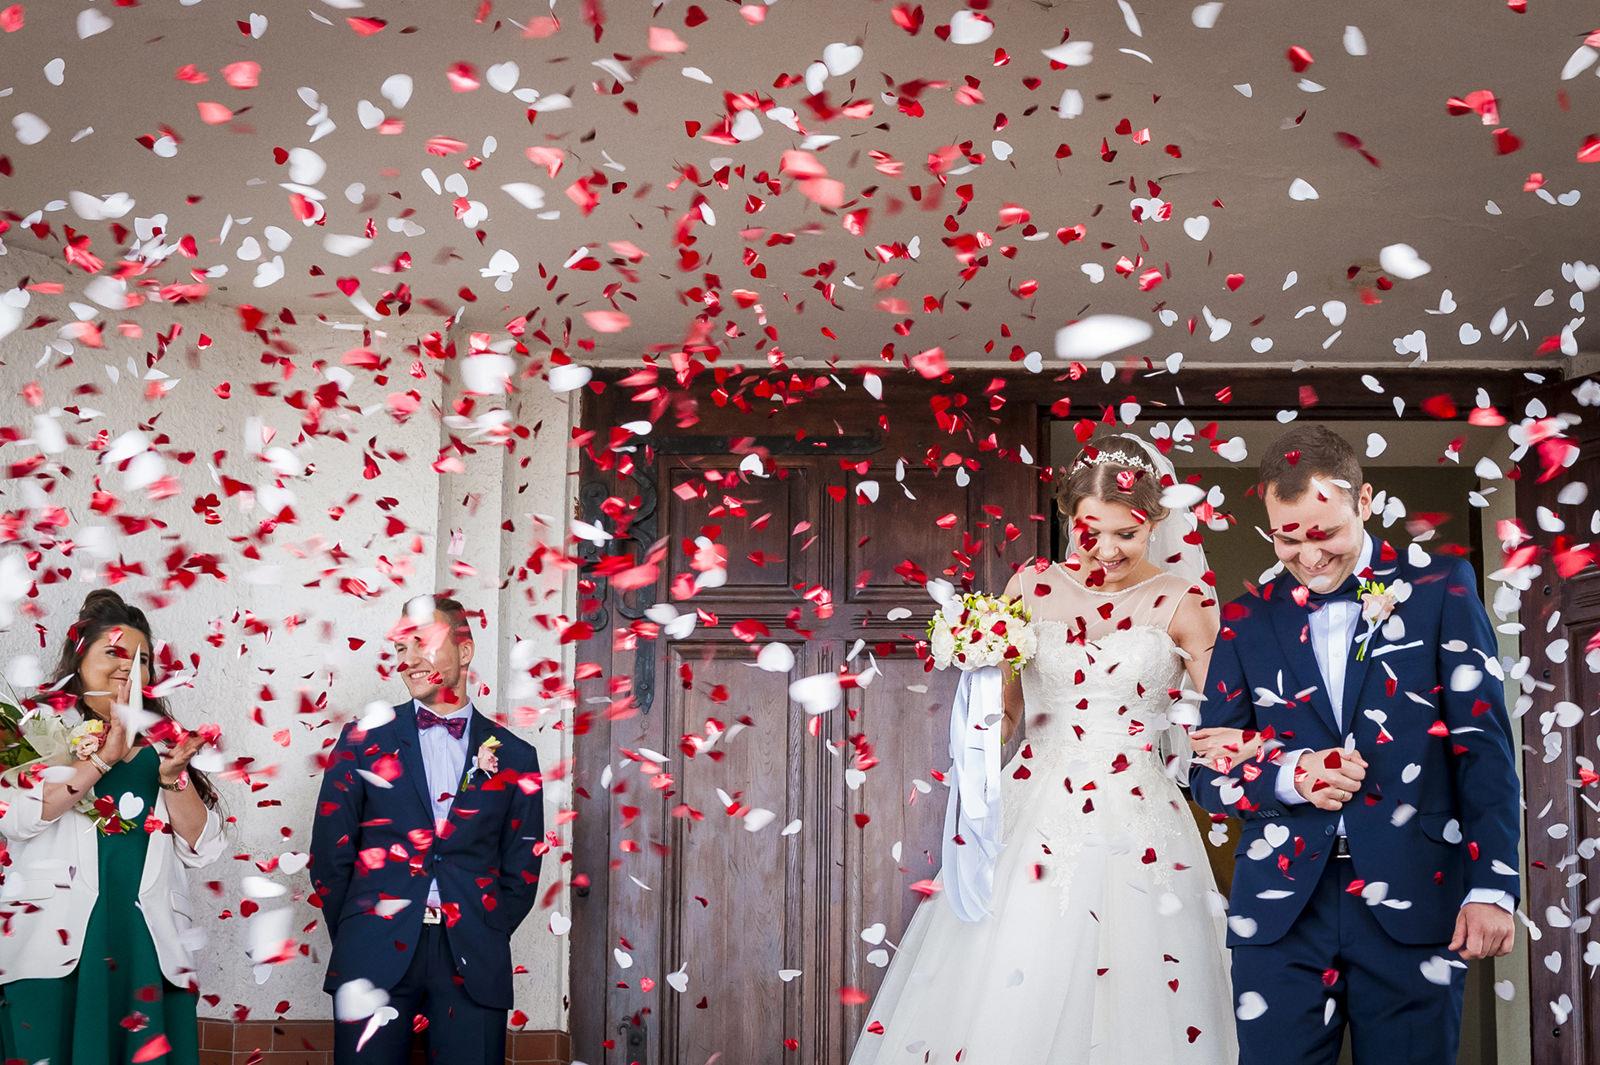 Wyjście parzy młodej z kościoła to dla fotografa ślubnego okazja na uchwycenie wybuchu radości i wystrzału konfetti.